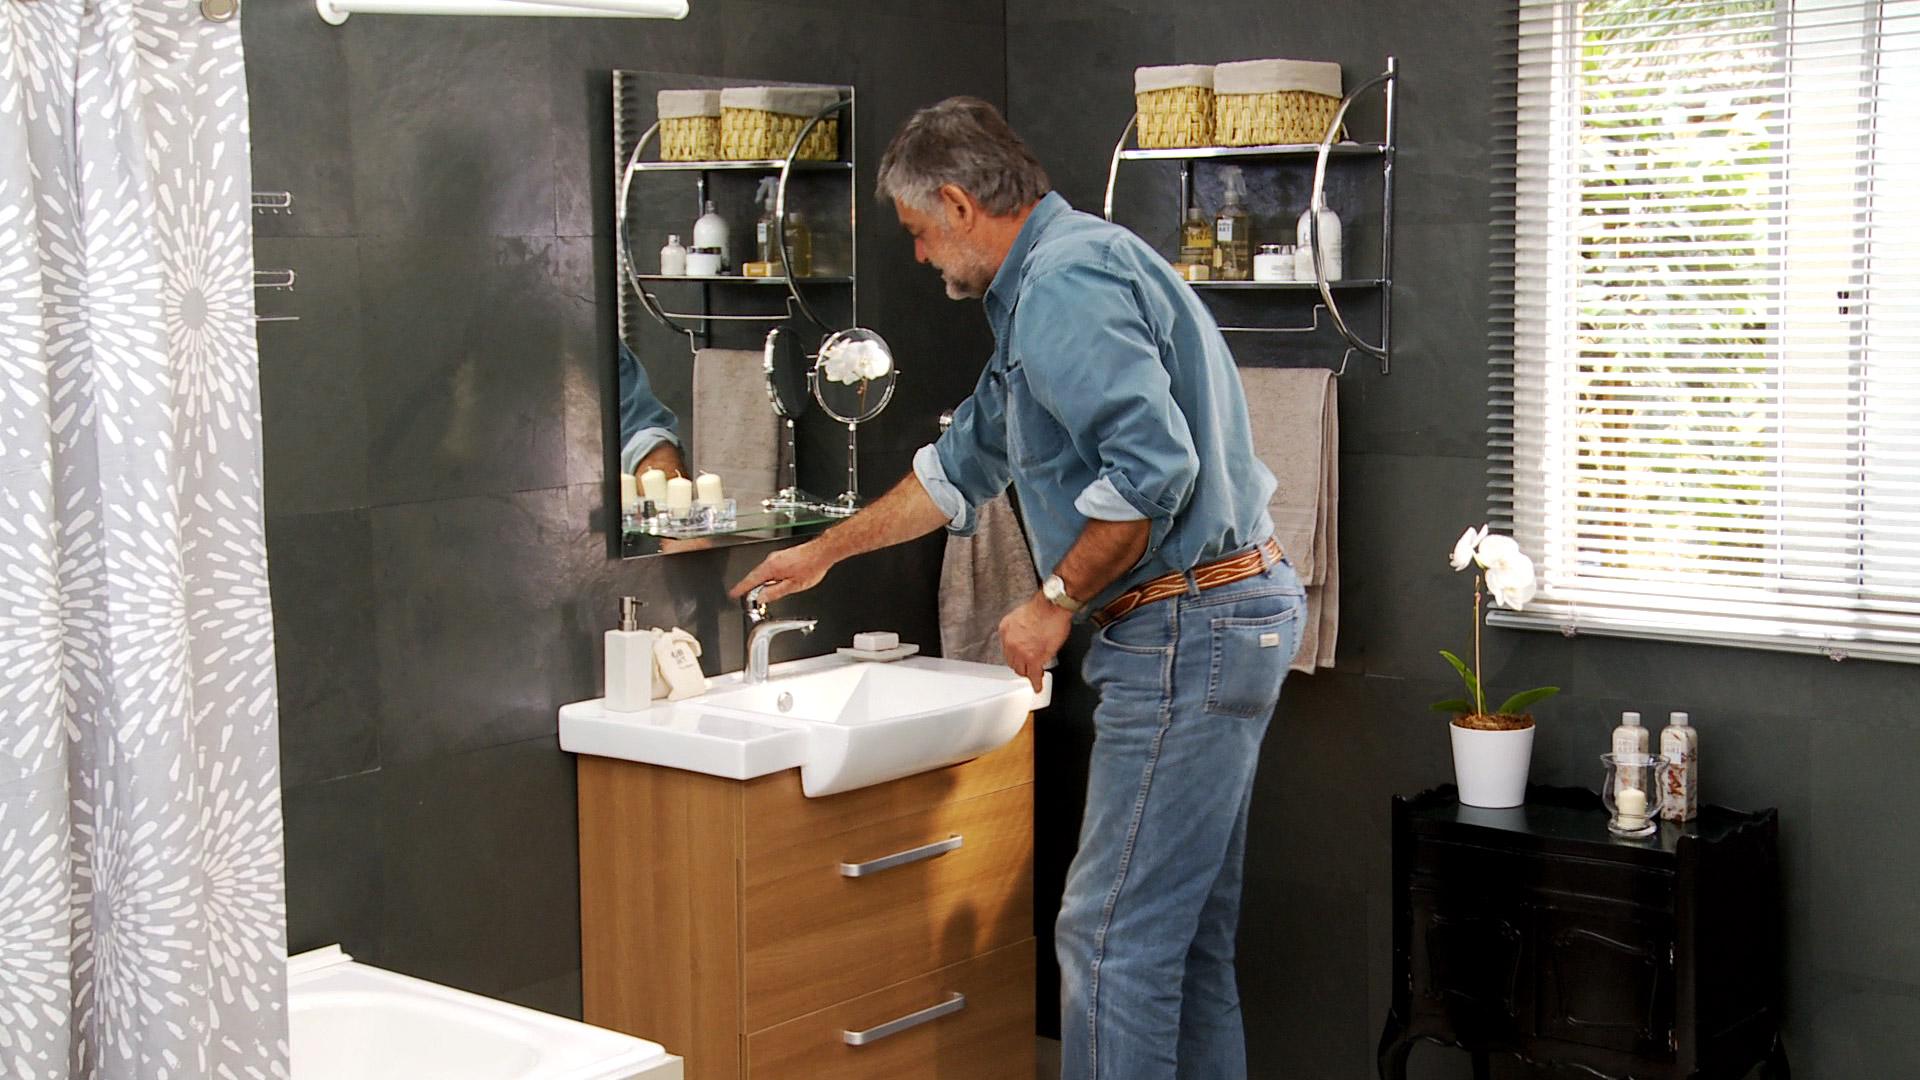 Instalar los artefactos del baño es una labor muy fácil para realizar en casa, no es necesario tener grandes herramientas, sólo basta una llave ajustable, llave punta corona y una pistola calafatera. Este proyecto sirve tanto para instalar uno por primera vez en un baño nuevo, como también para hacer el reemplazo de uno antiguo.